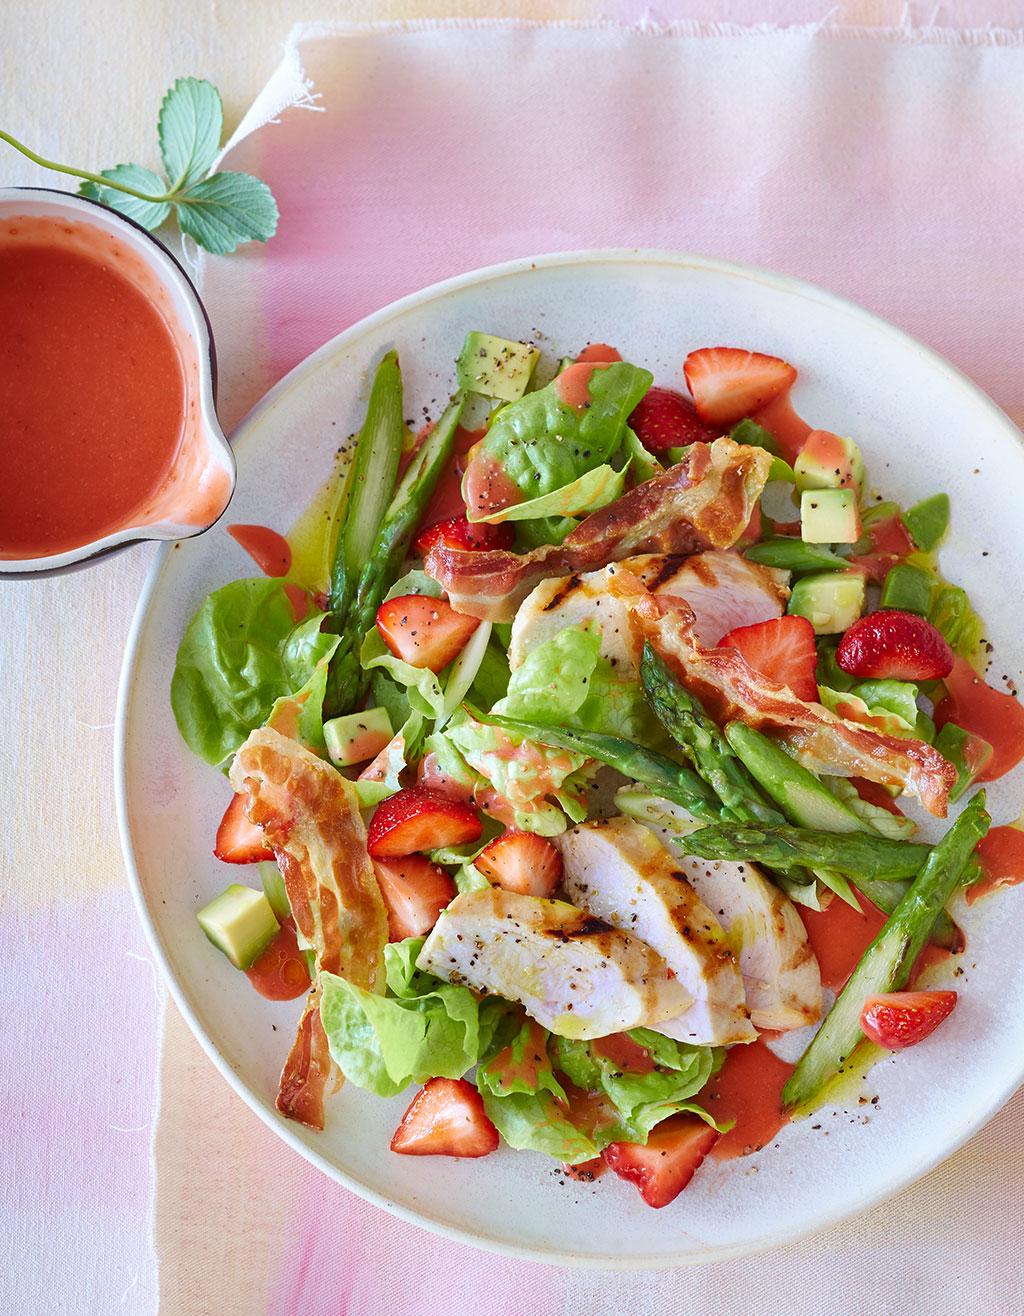 salat mit h hnchen und erdbeer dressing rezept essen und trinken. Black Bedroom Furniture Sets. Home Design Ideas